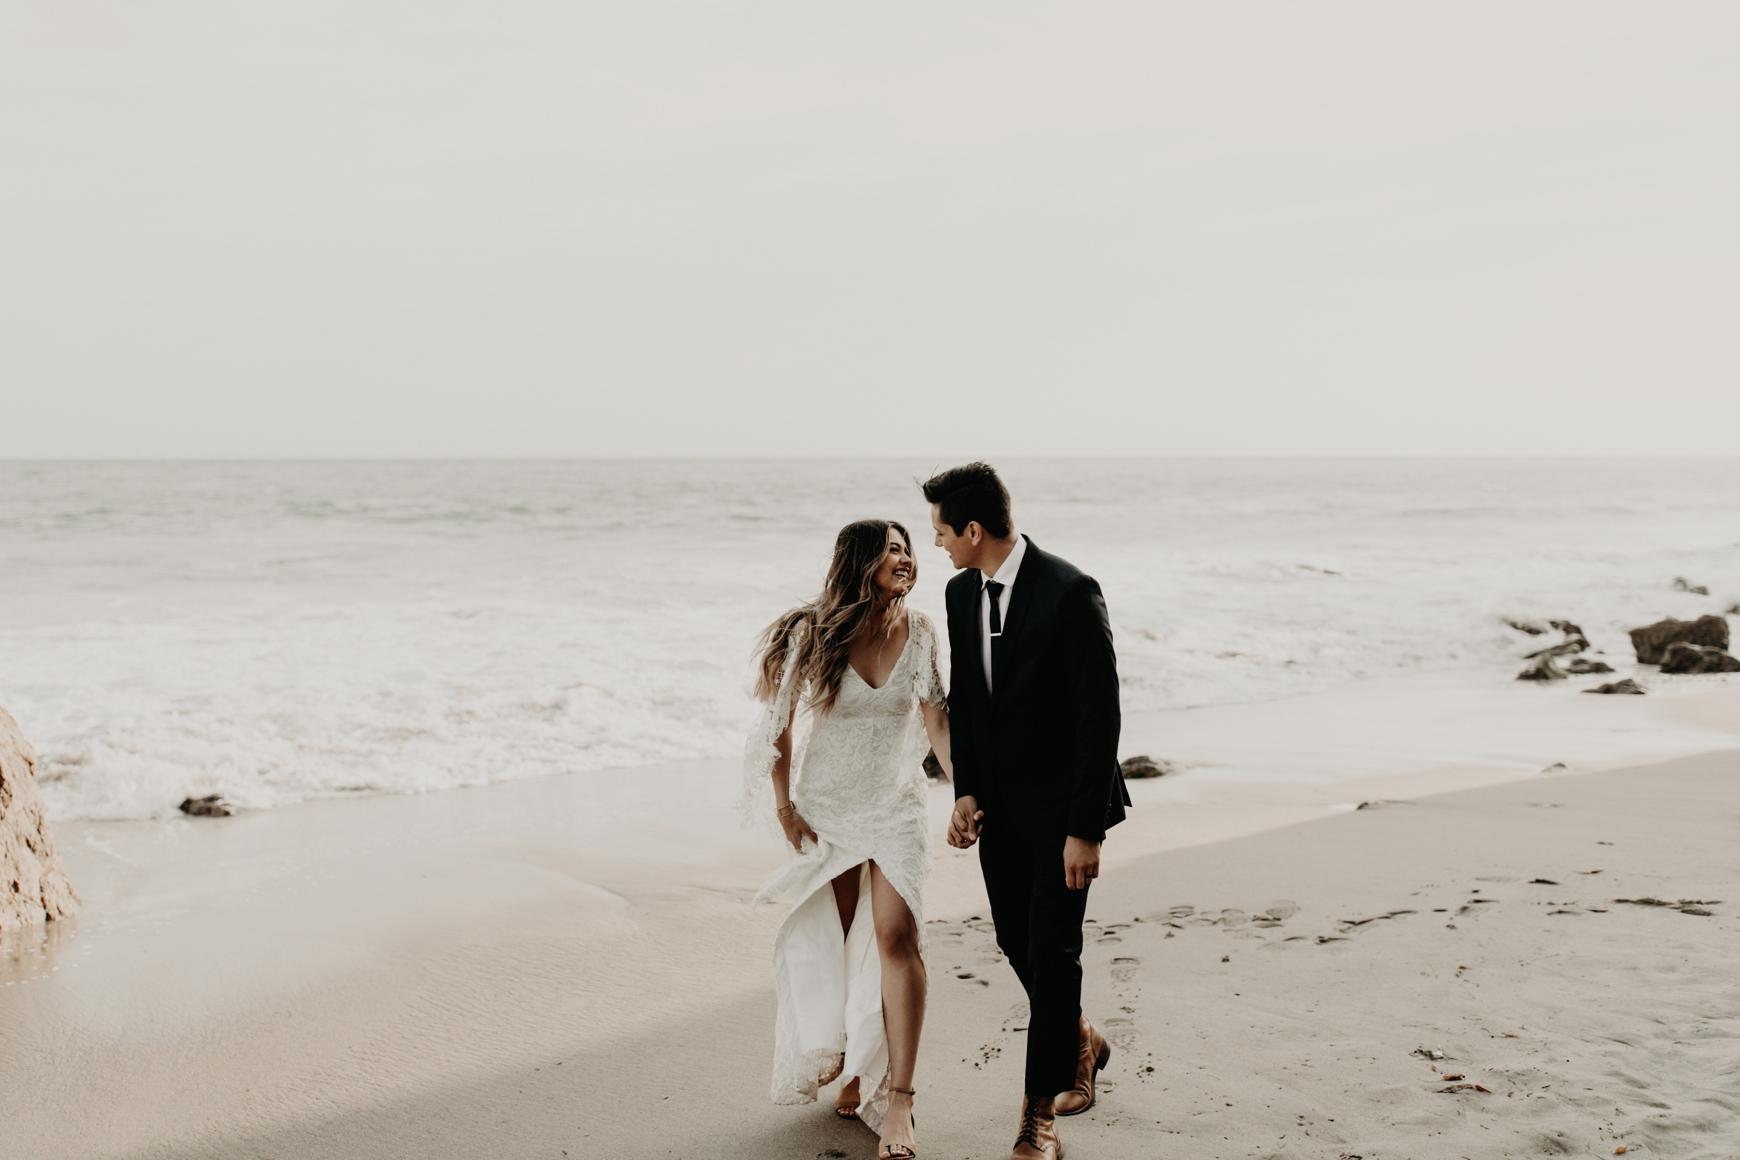 El Matador Beach Bridal Portraits Justellen & TJ Emily Magers Photography-196Emily Magers Photography.jpg